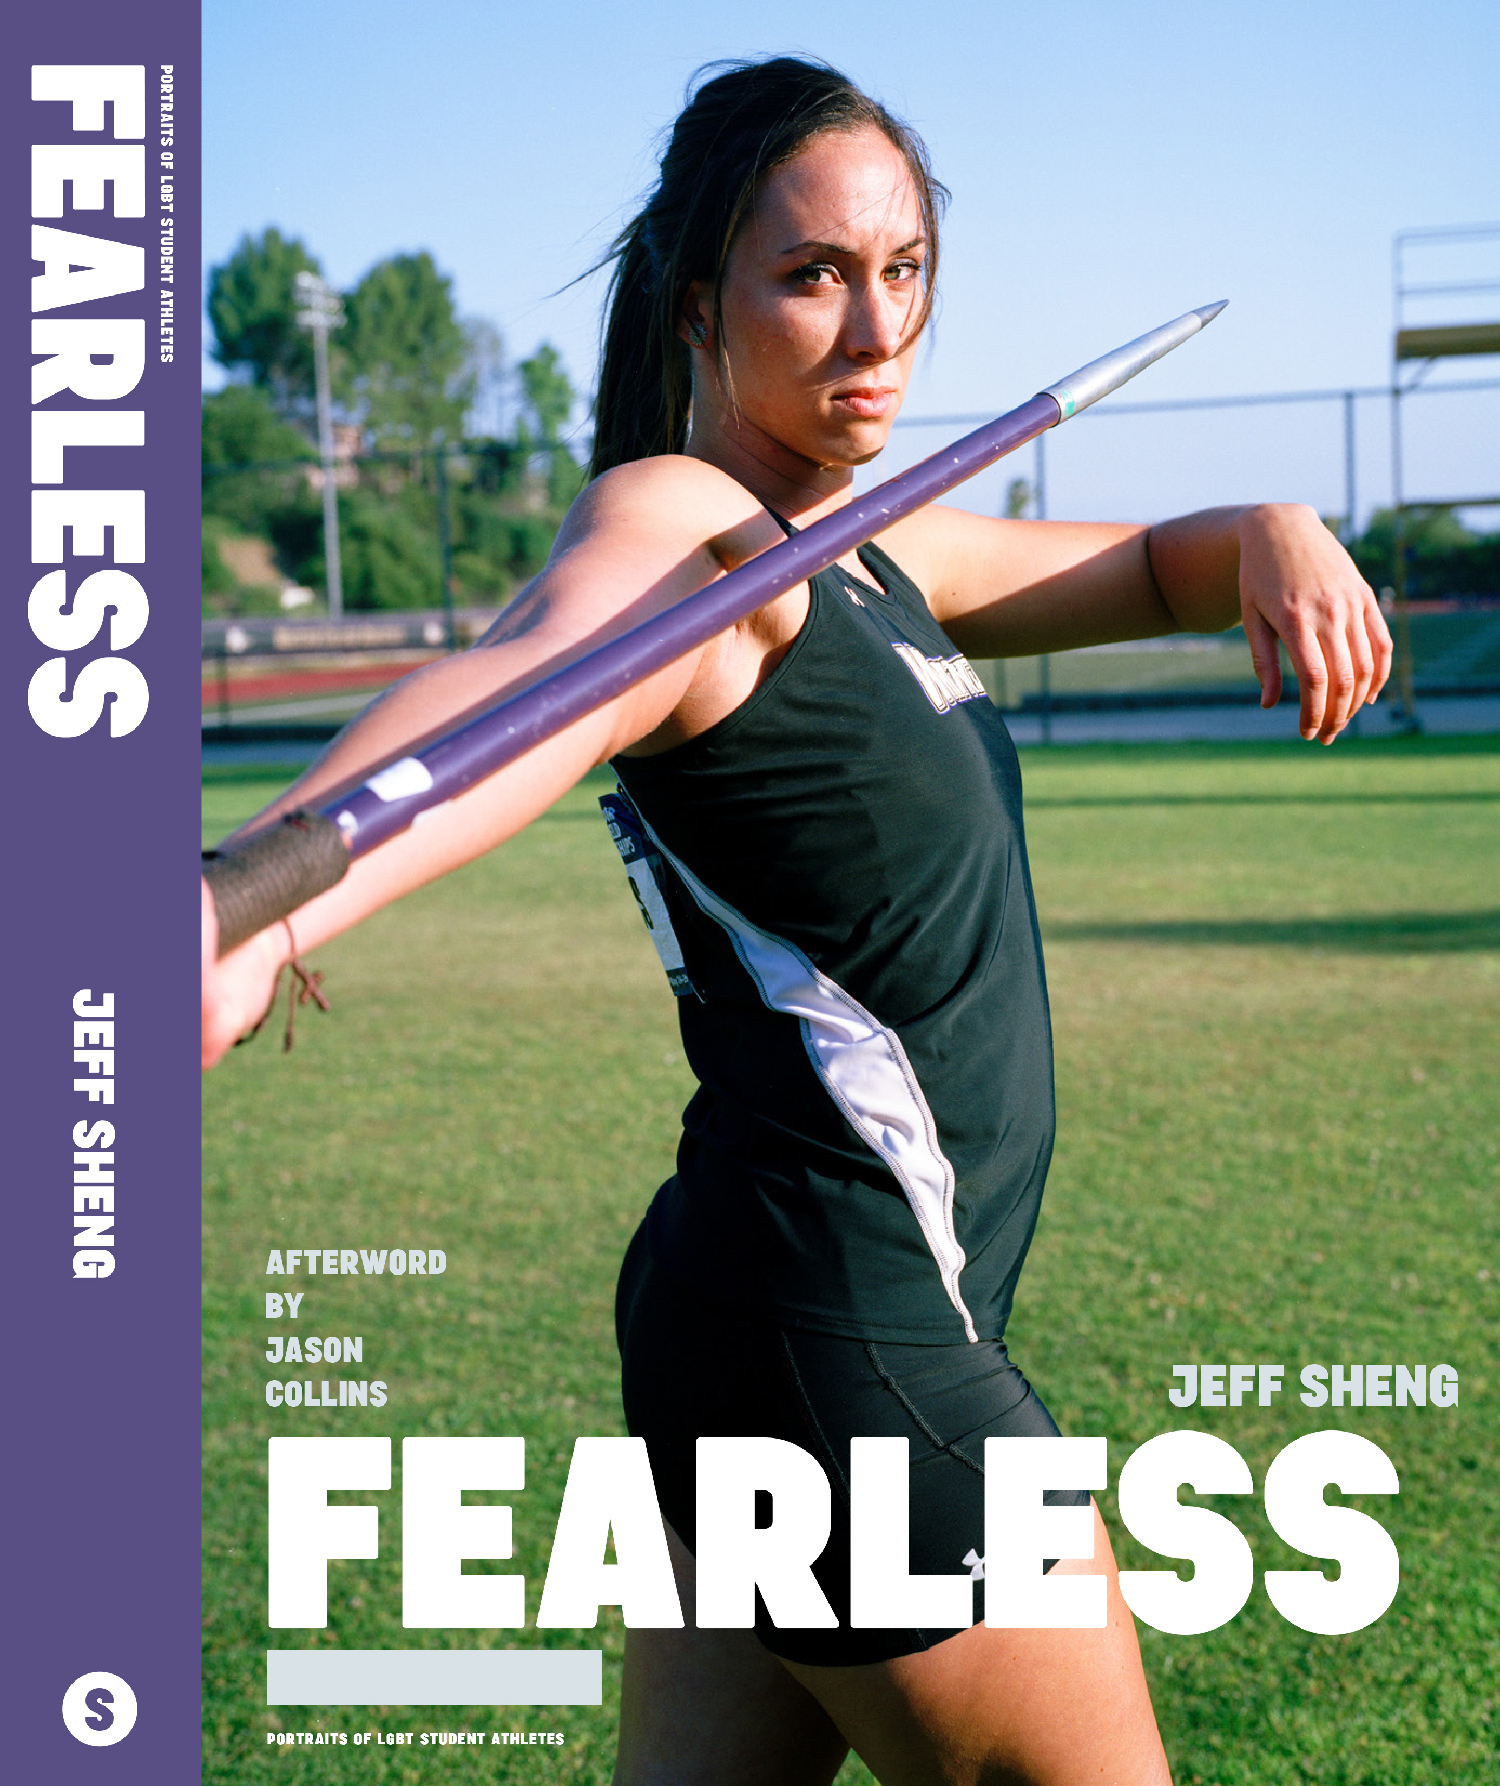 Fearless_Covers_crop.pdf-3-web-1500.jpg